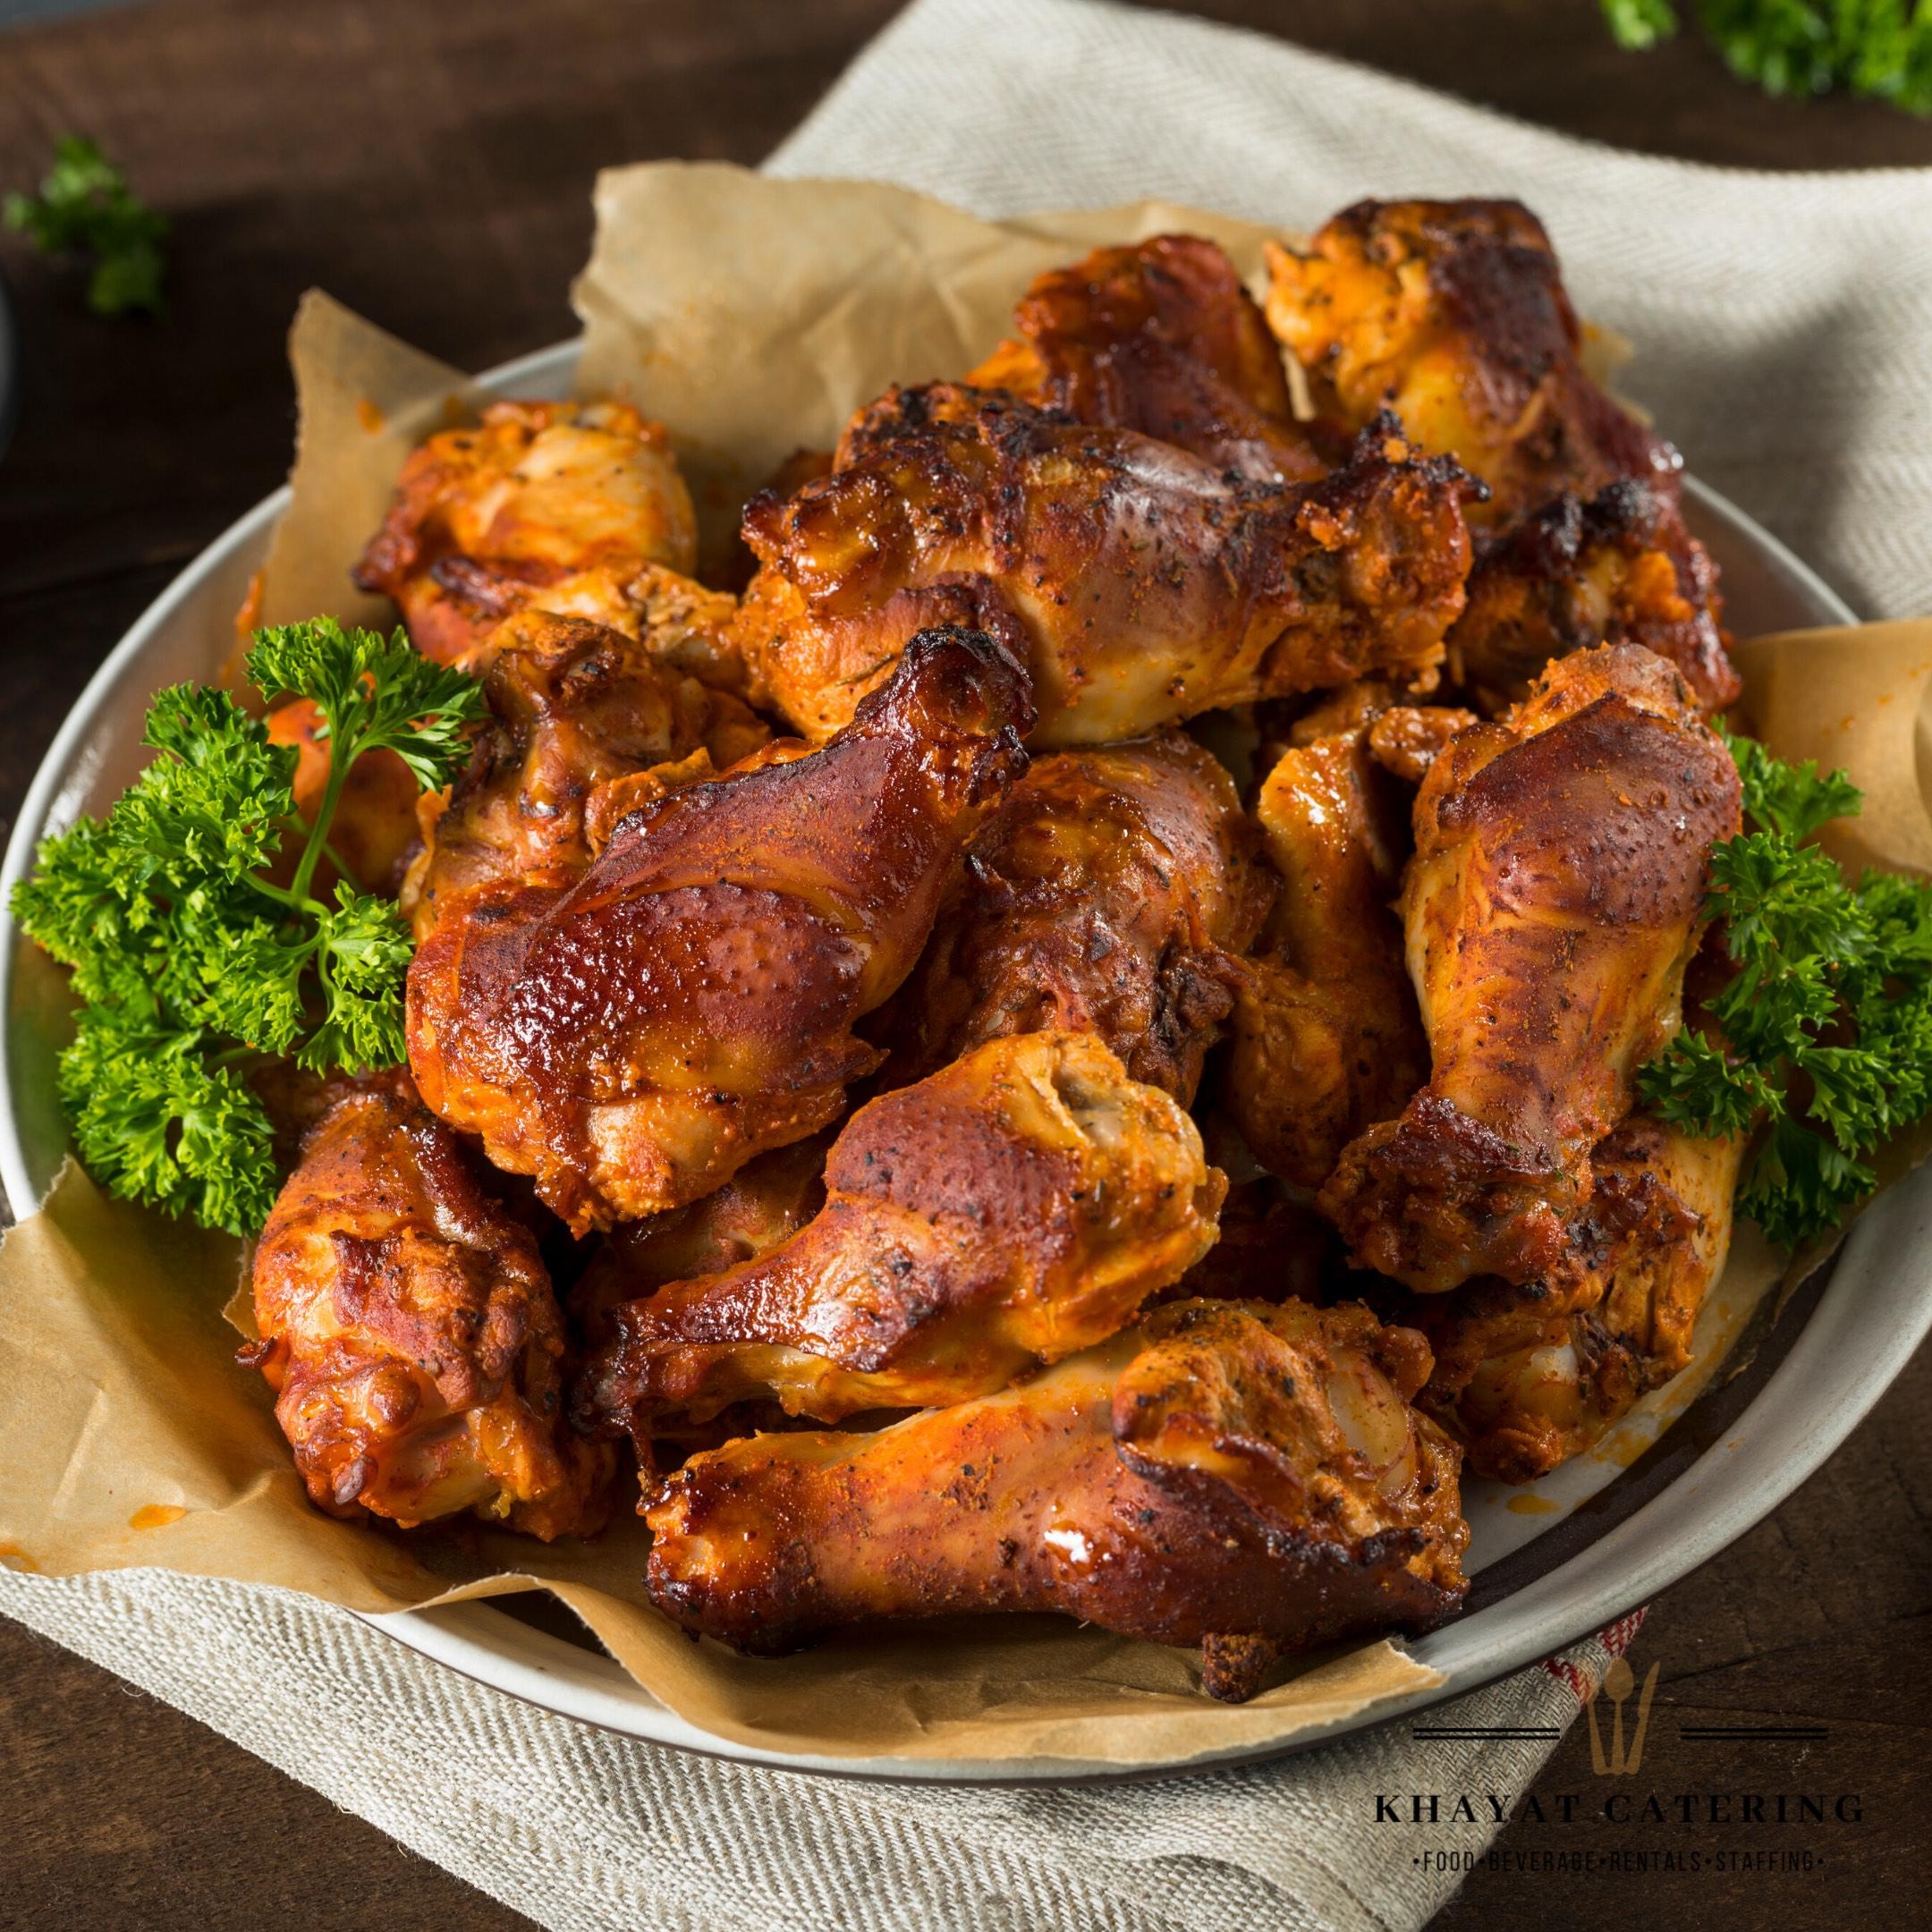 Khayat Catering smoked chicken